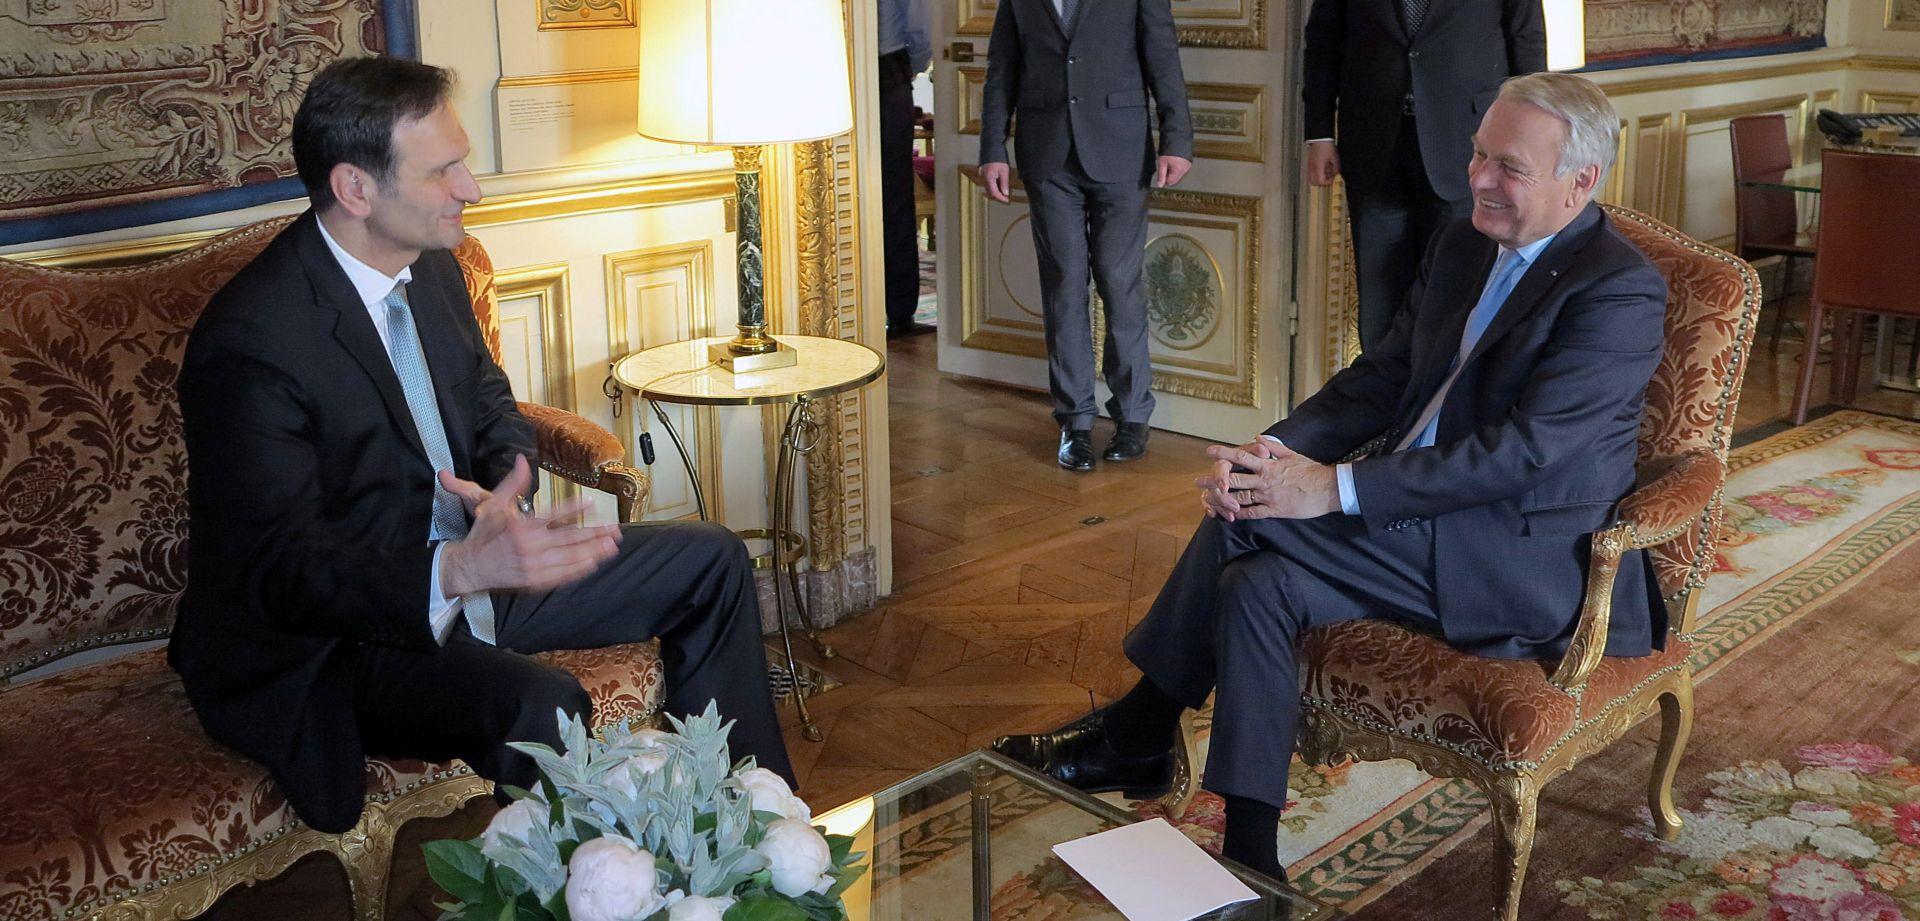 MIRO KOVAČ U PARIZU 'Ponosni smo na odnose s Francuskom'